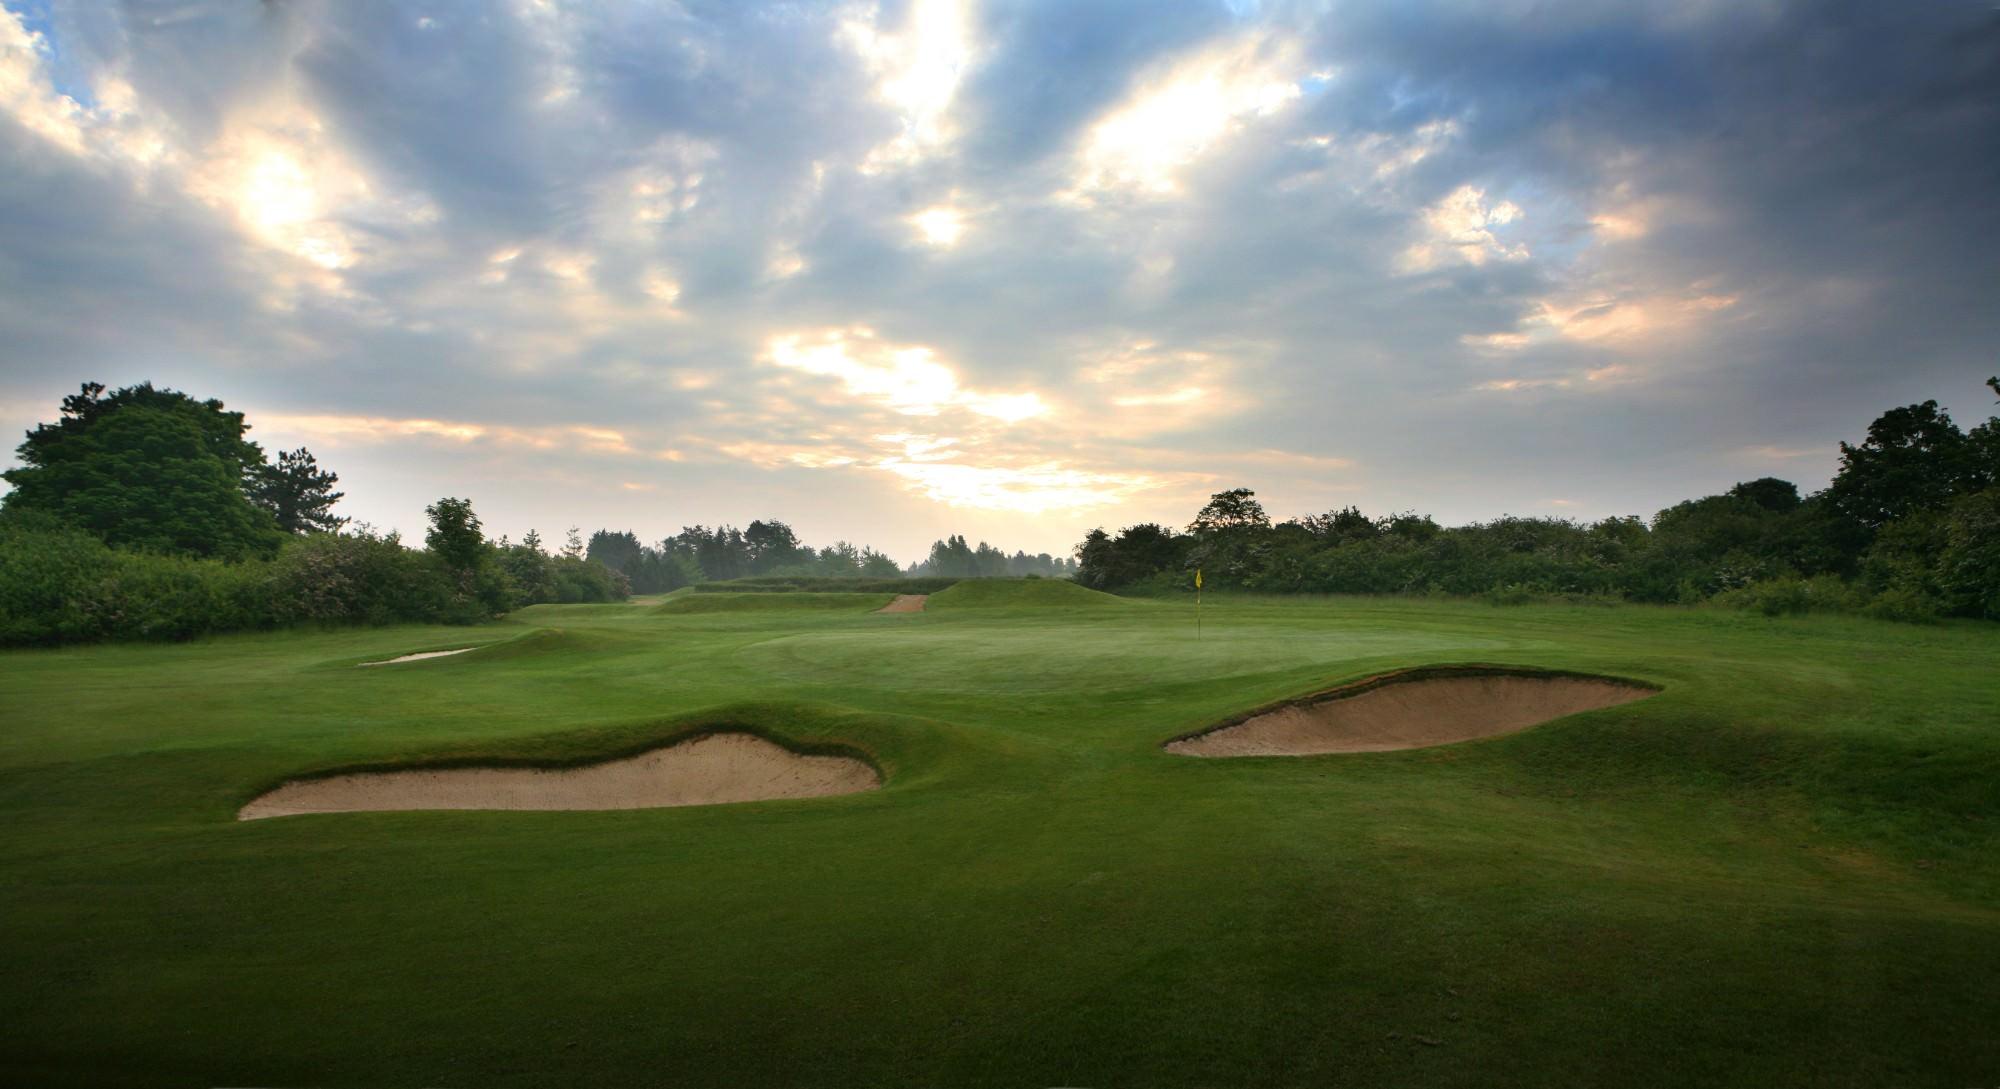 Gog Magog Old Golf Club   National Club Golfer Top 100 Courses